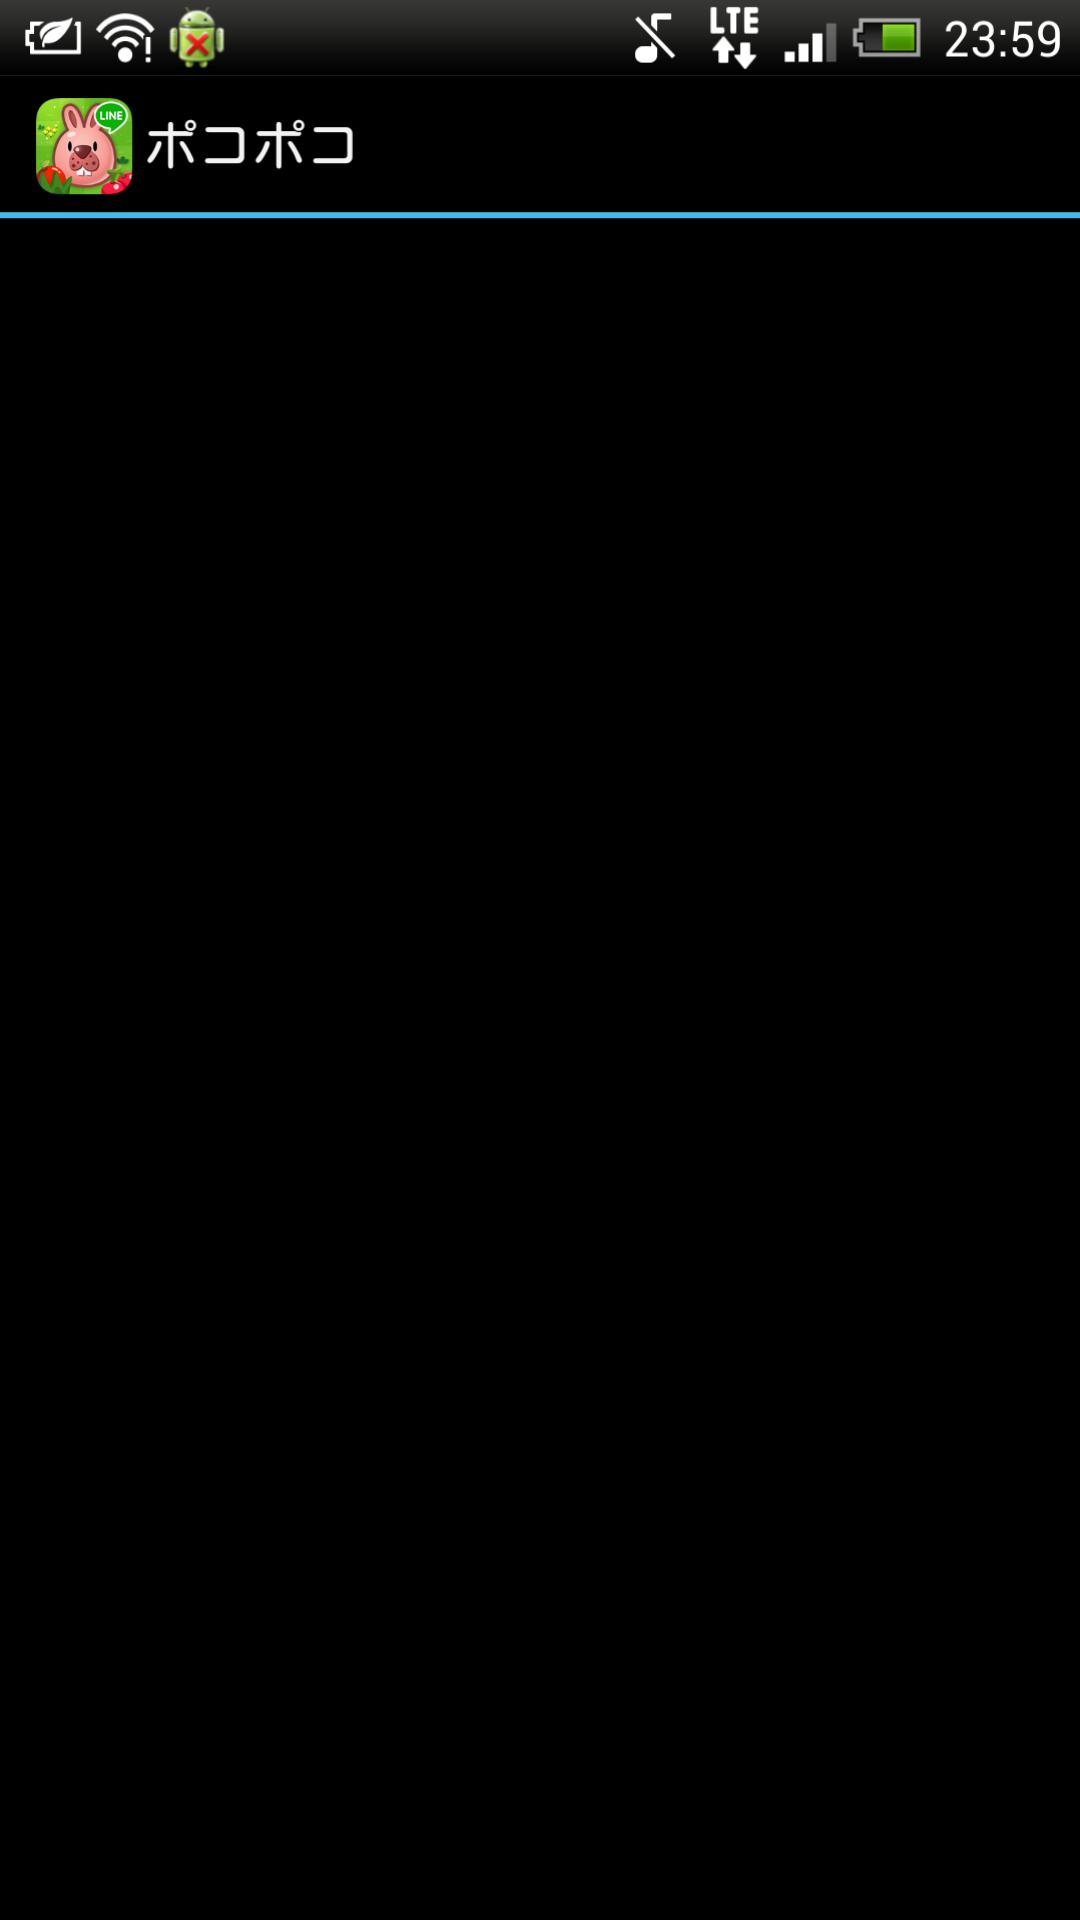 アプリ 開か ない イオン